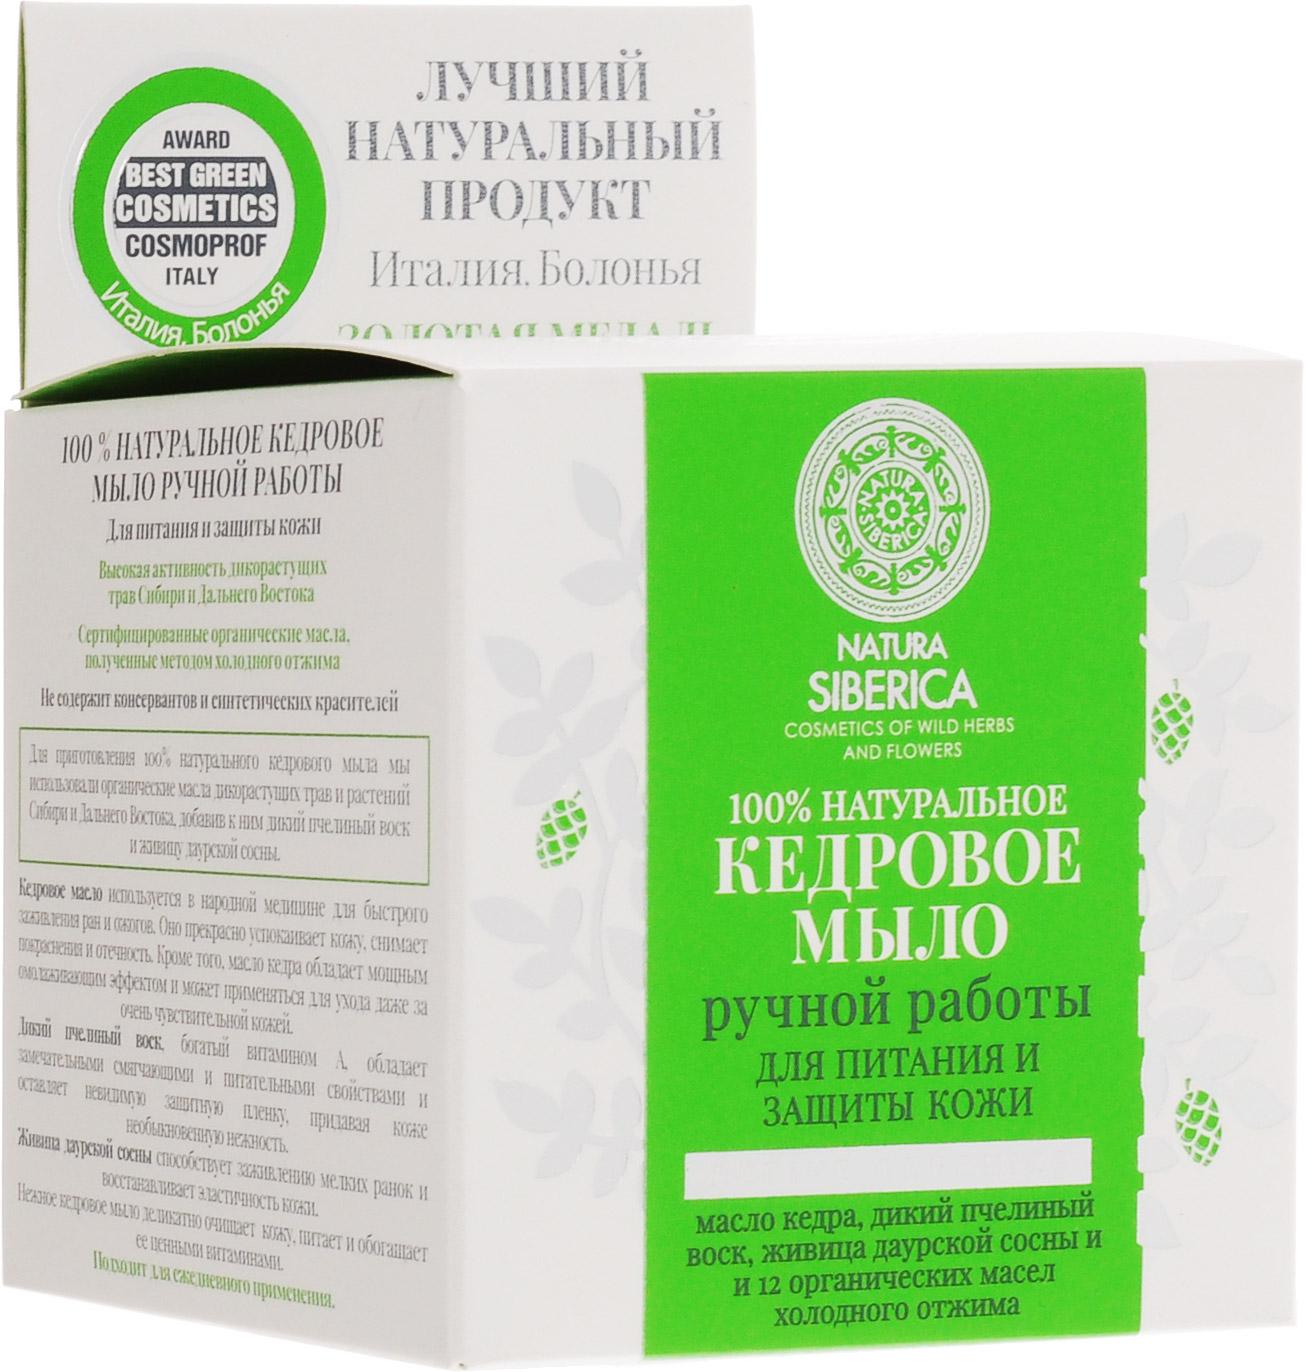 Мыло Natura Siberica Кедровое, натуральное, 100 гMP59.4DНатурально мыло Natura Siberica Кедровое ручной работы деликатно очищает кожу, питает и обогащает ее ценными витаминами. Кедровое масло прекрасно успокаивает кожу, снимает покраснения и отечность. Масло кедра обладает мощным омолаживающим эффектом и может применяться для ухода за очень чувствительной кожей. Дикий пчелиный воск, богатый витамином А, обладает смягчающими и питательными свойствами и оставляет невидимую защитную пленку, придавая коже необыкновенную нежность. Живица даурской сосны способствует заживлению мелких ранок и восстанавливает эластичность кожи. Подходит для ежедневного примененияХарактеристики:Вес: 100 г. Производитель: Россия. Артикул: 086-31041. Товар сертифицирован.Уважаемые клиенты!Обращаем ваше внимание на возможные изменения в дизайне упаковки. Качественные характеристики товара остаются неизменными. Поставка осуществляется в зависимости от наличия на складе.